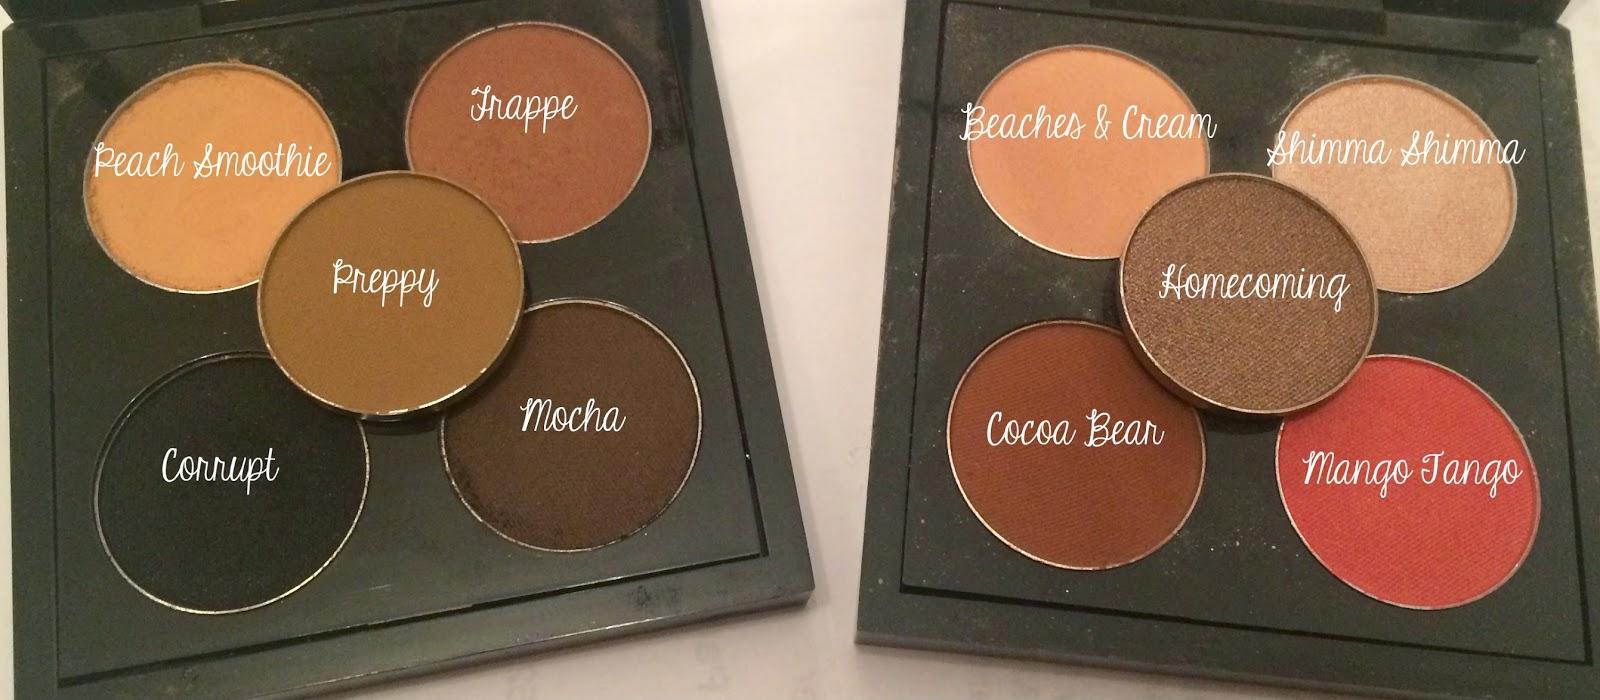 Maquillaje Geek Sombra de Ojos Pan - Playas y crema - Geek maquillaje sombra de ojos Pans - Sombras de Ojos